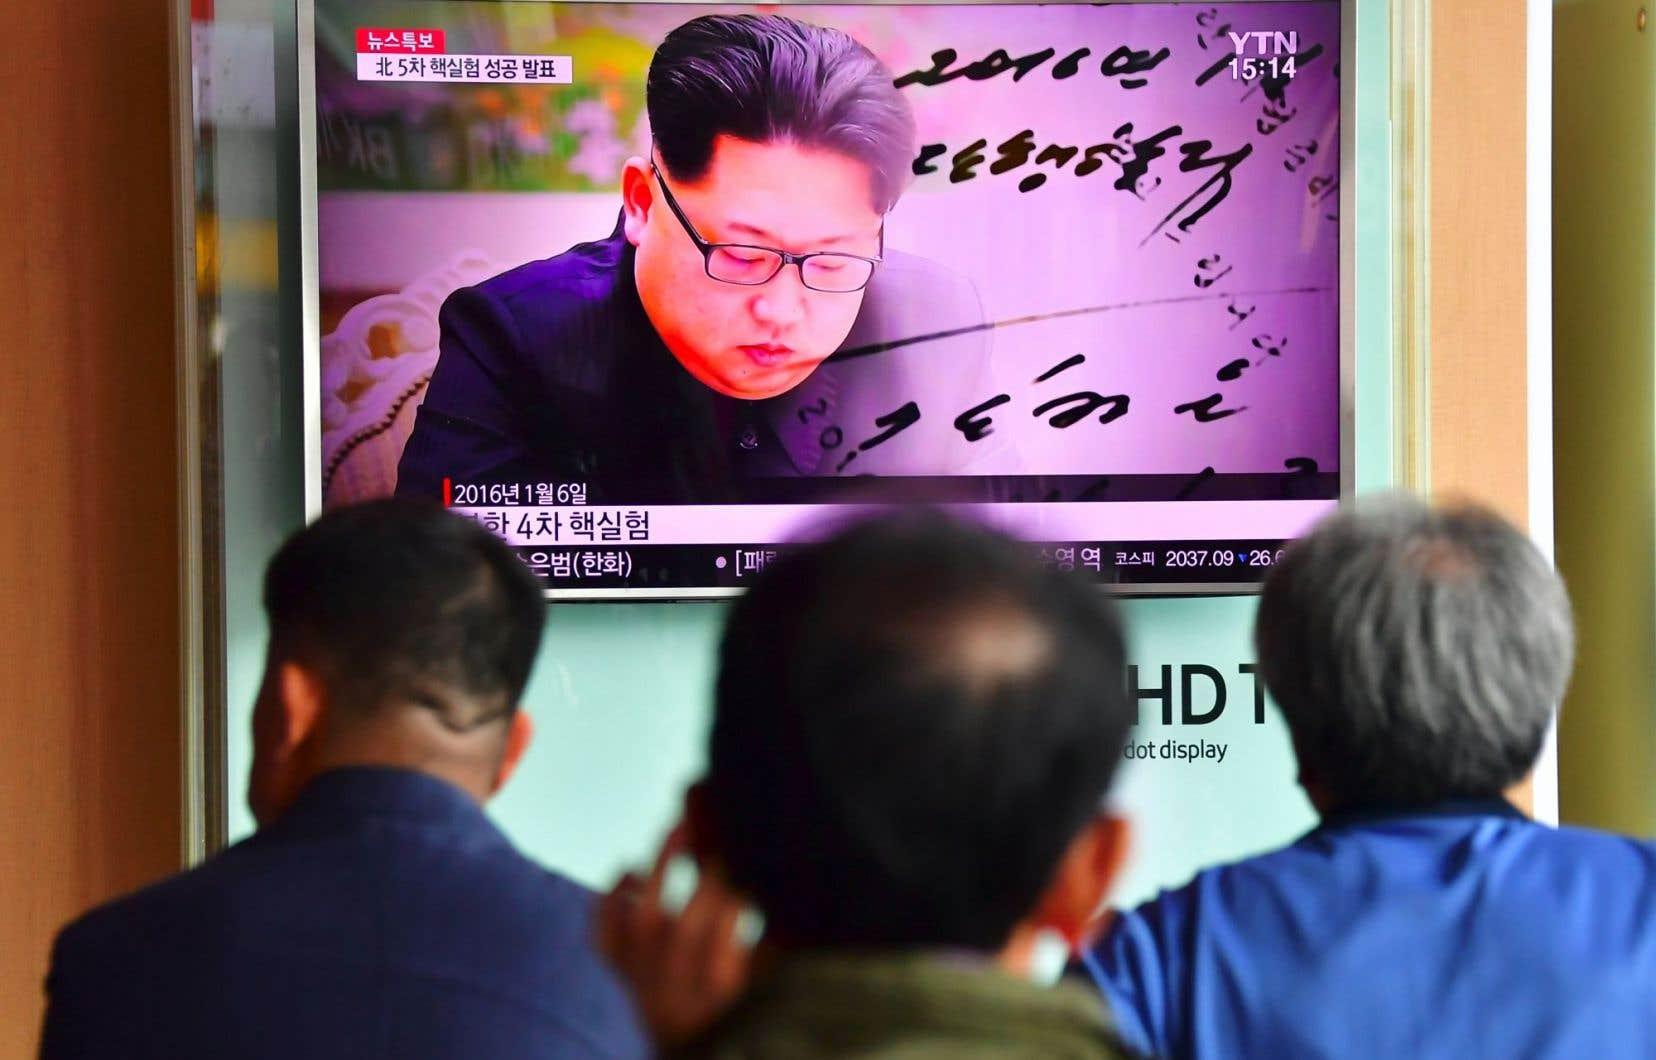 Des Nord-Coréens regardent les actualités montrant le leader coréen, Kim Jong-un, dans une gare de Séoul, à la suite de son nouvel essai nucléaire, le 9septembre.